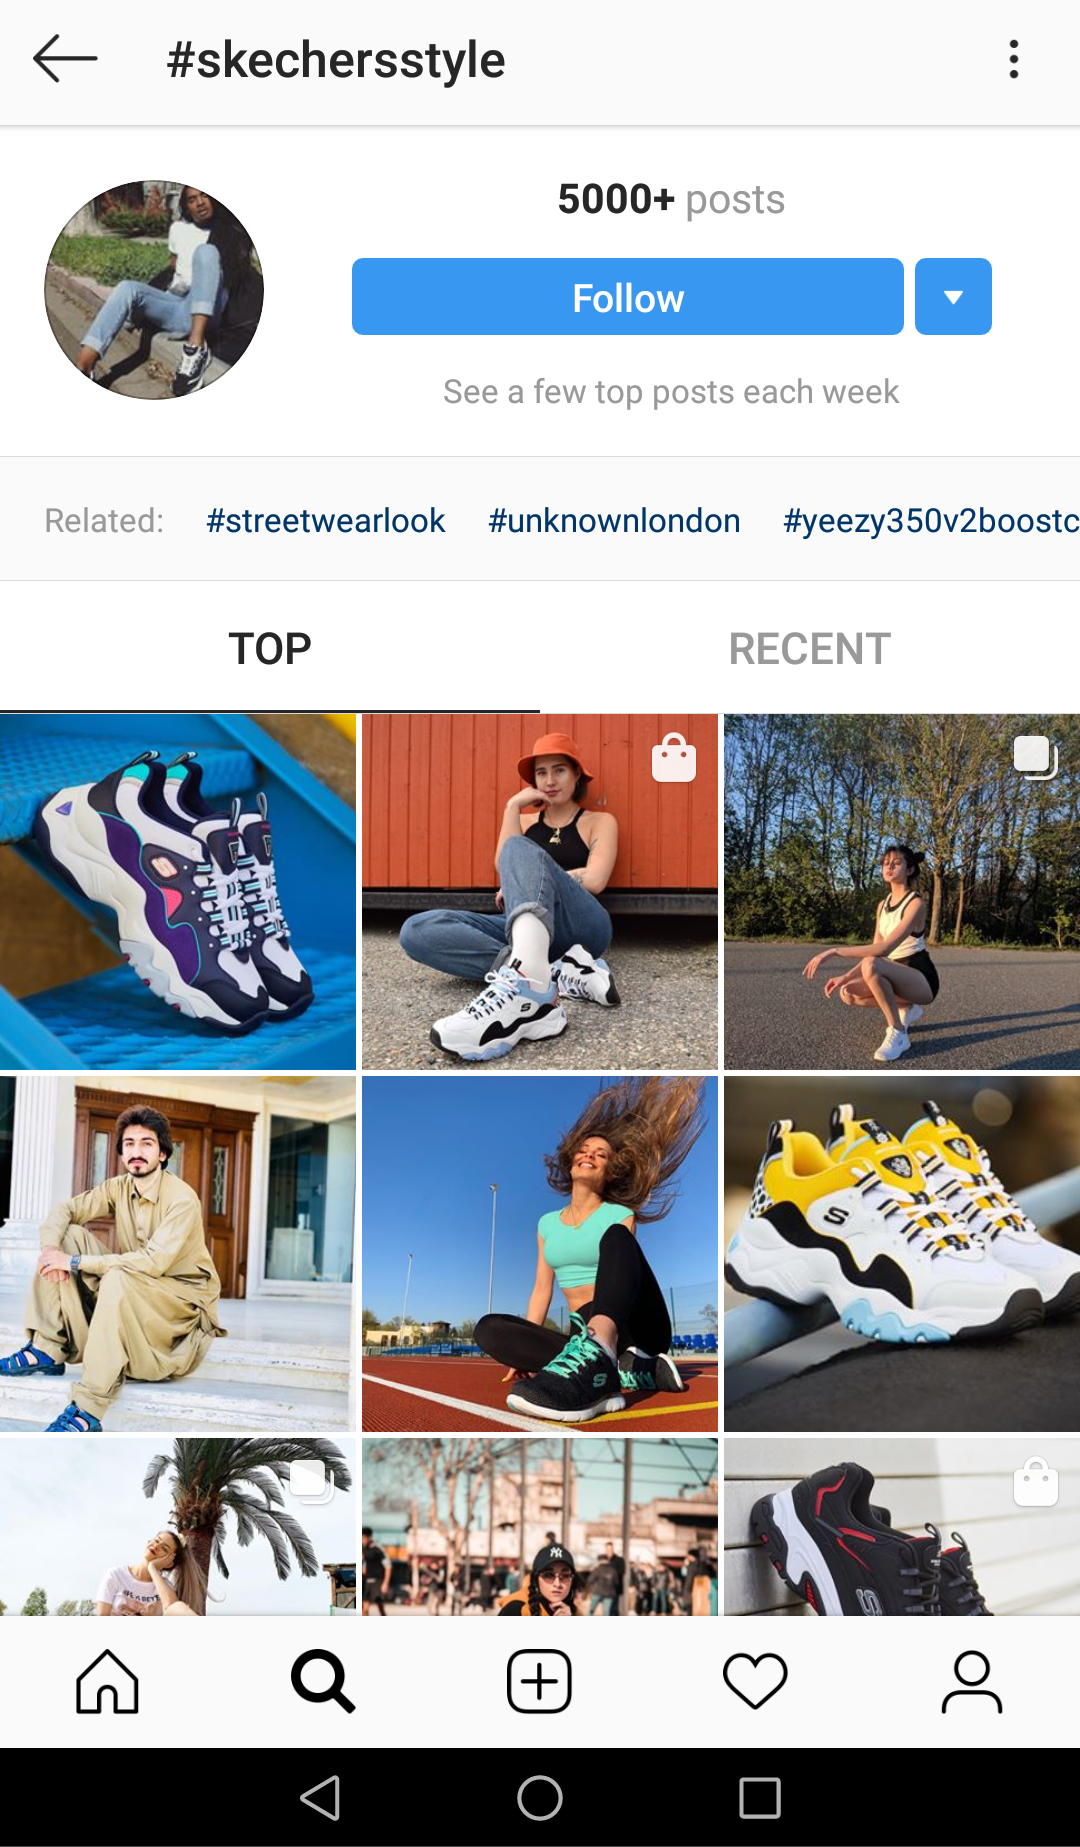 Skechers Instagram hashtag